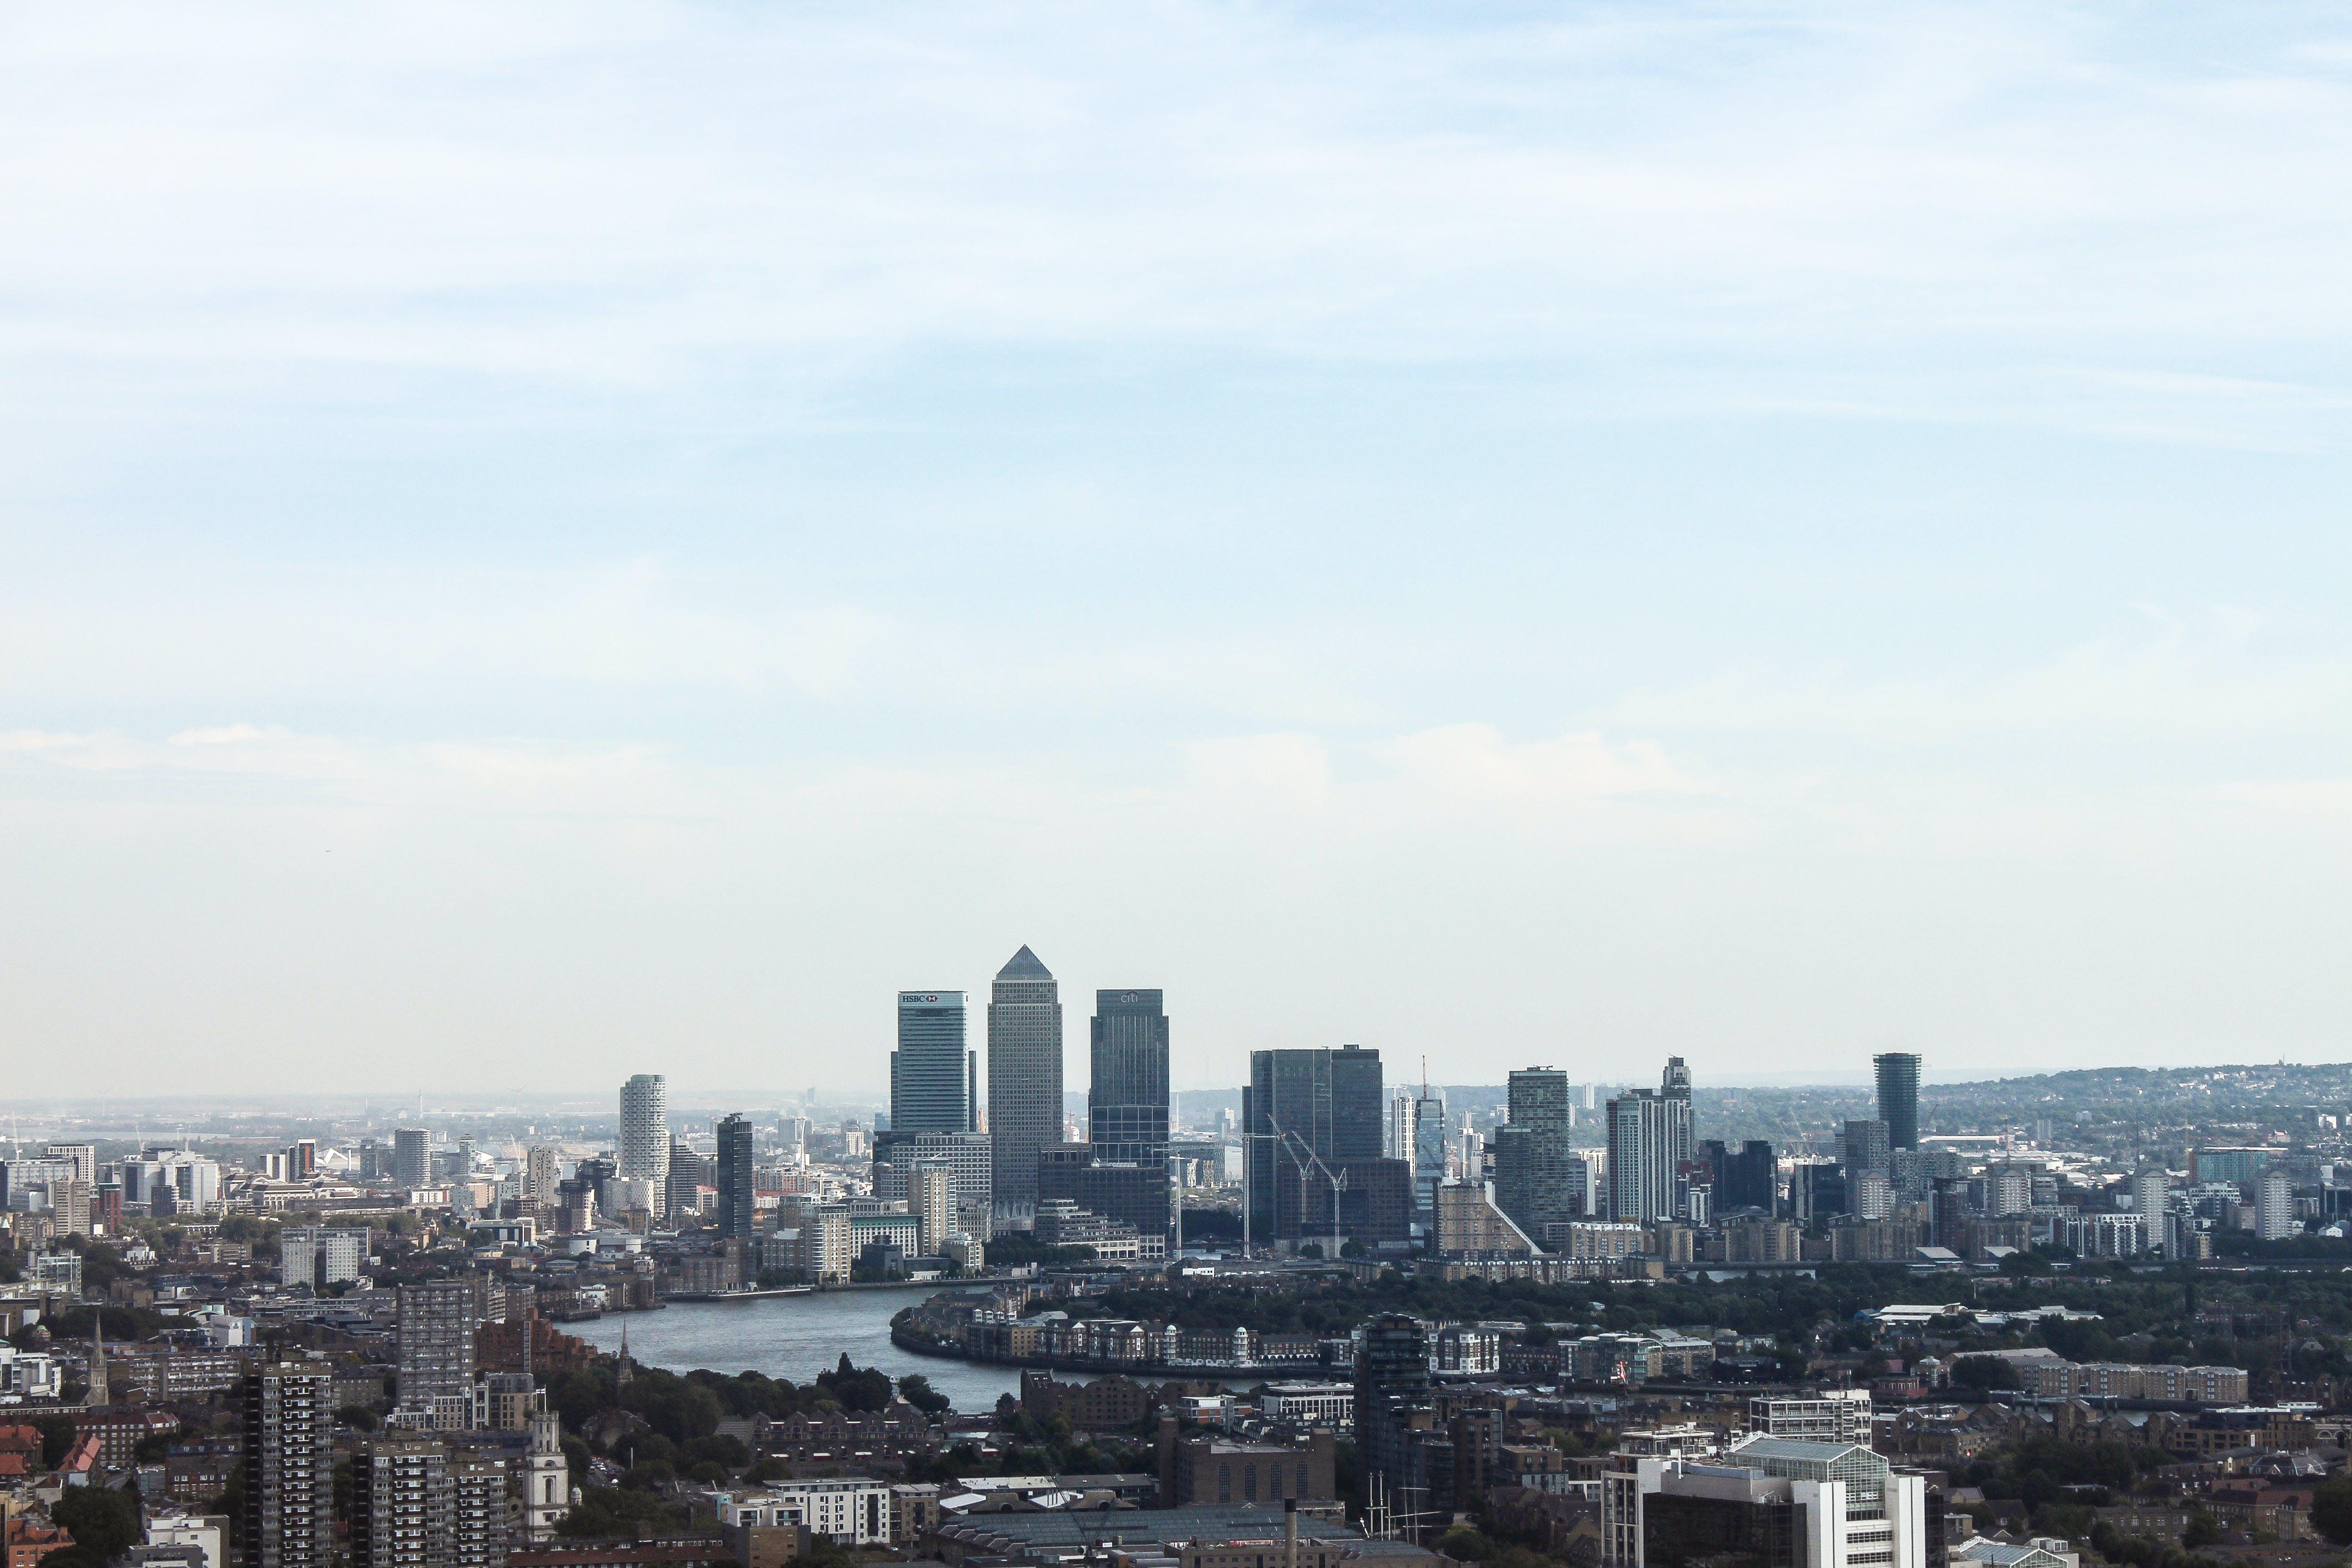 Δωρεάν στοκ φωτογραφιών με αστικός, γραμμή ορίζοντα, κέντρο πόλης, κτήρια